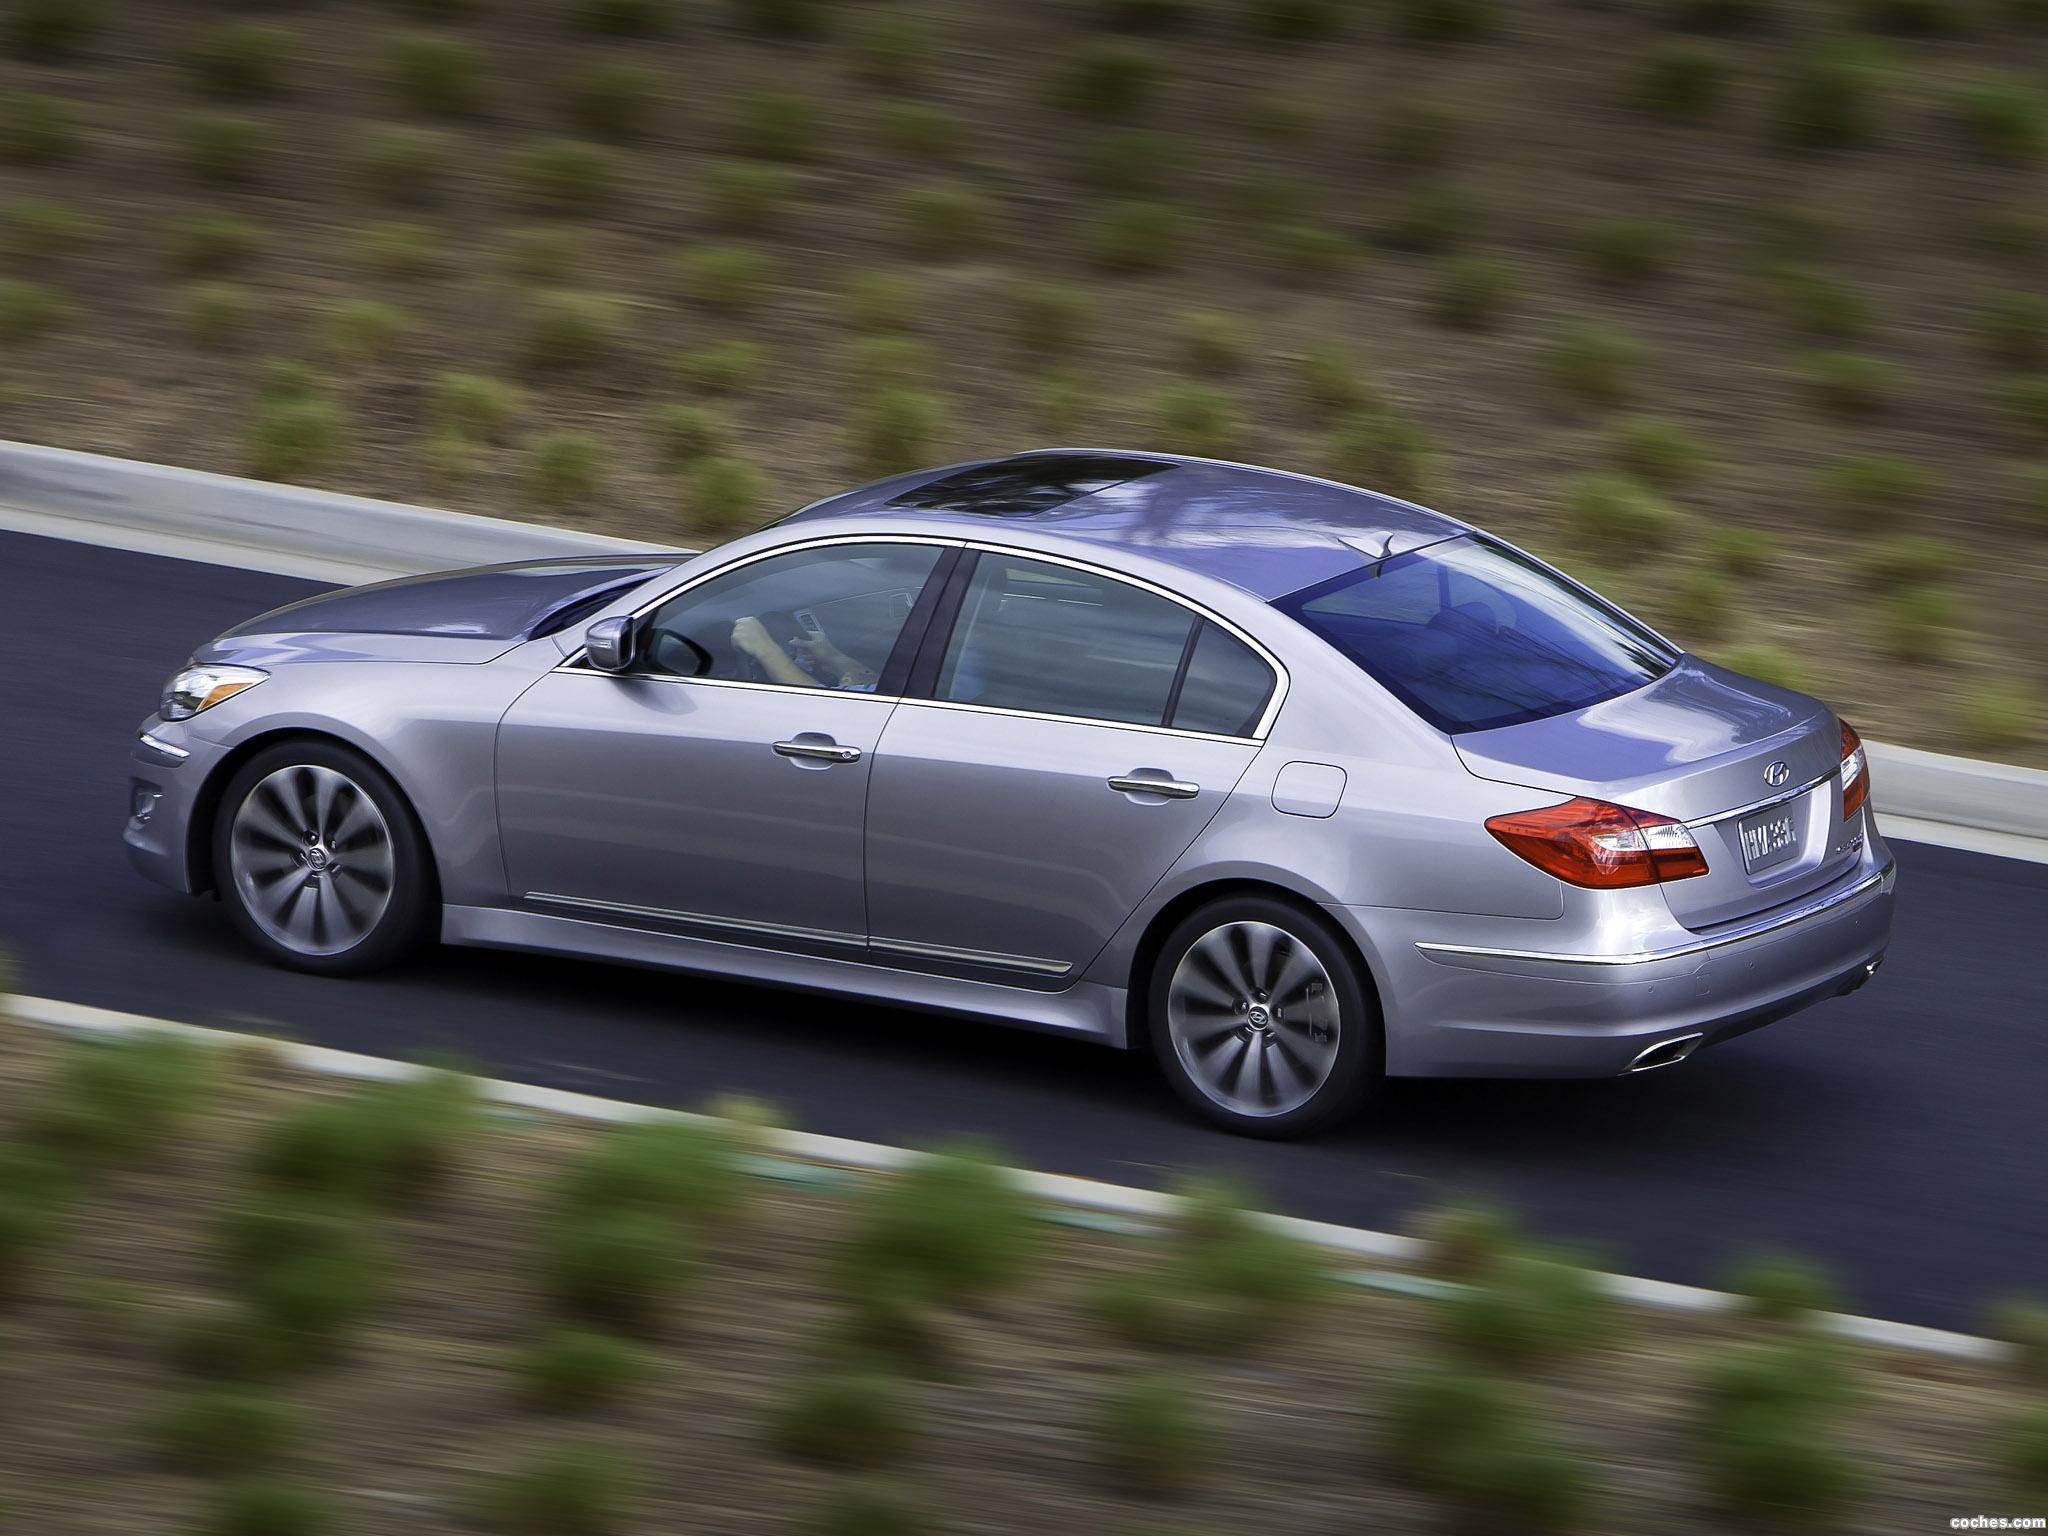 Foto 6 de Hyundai Genesis R-Spec 2010